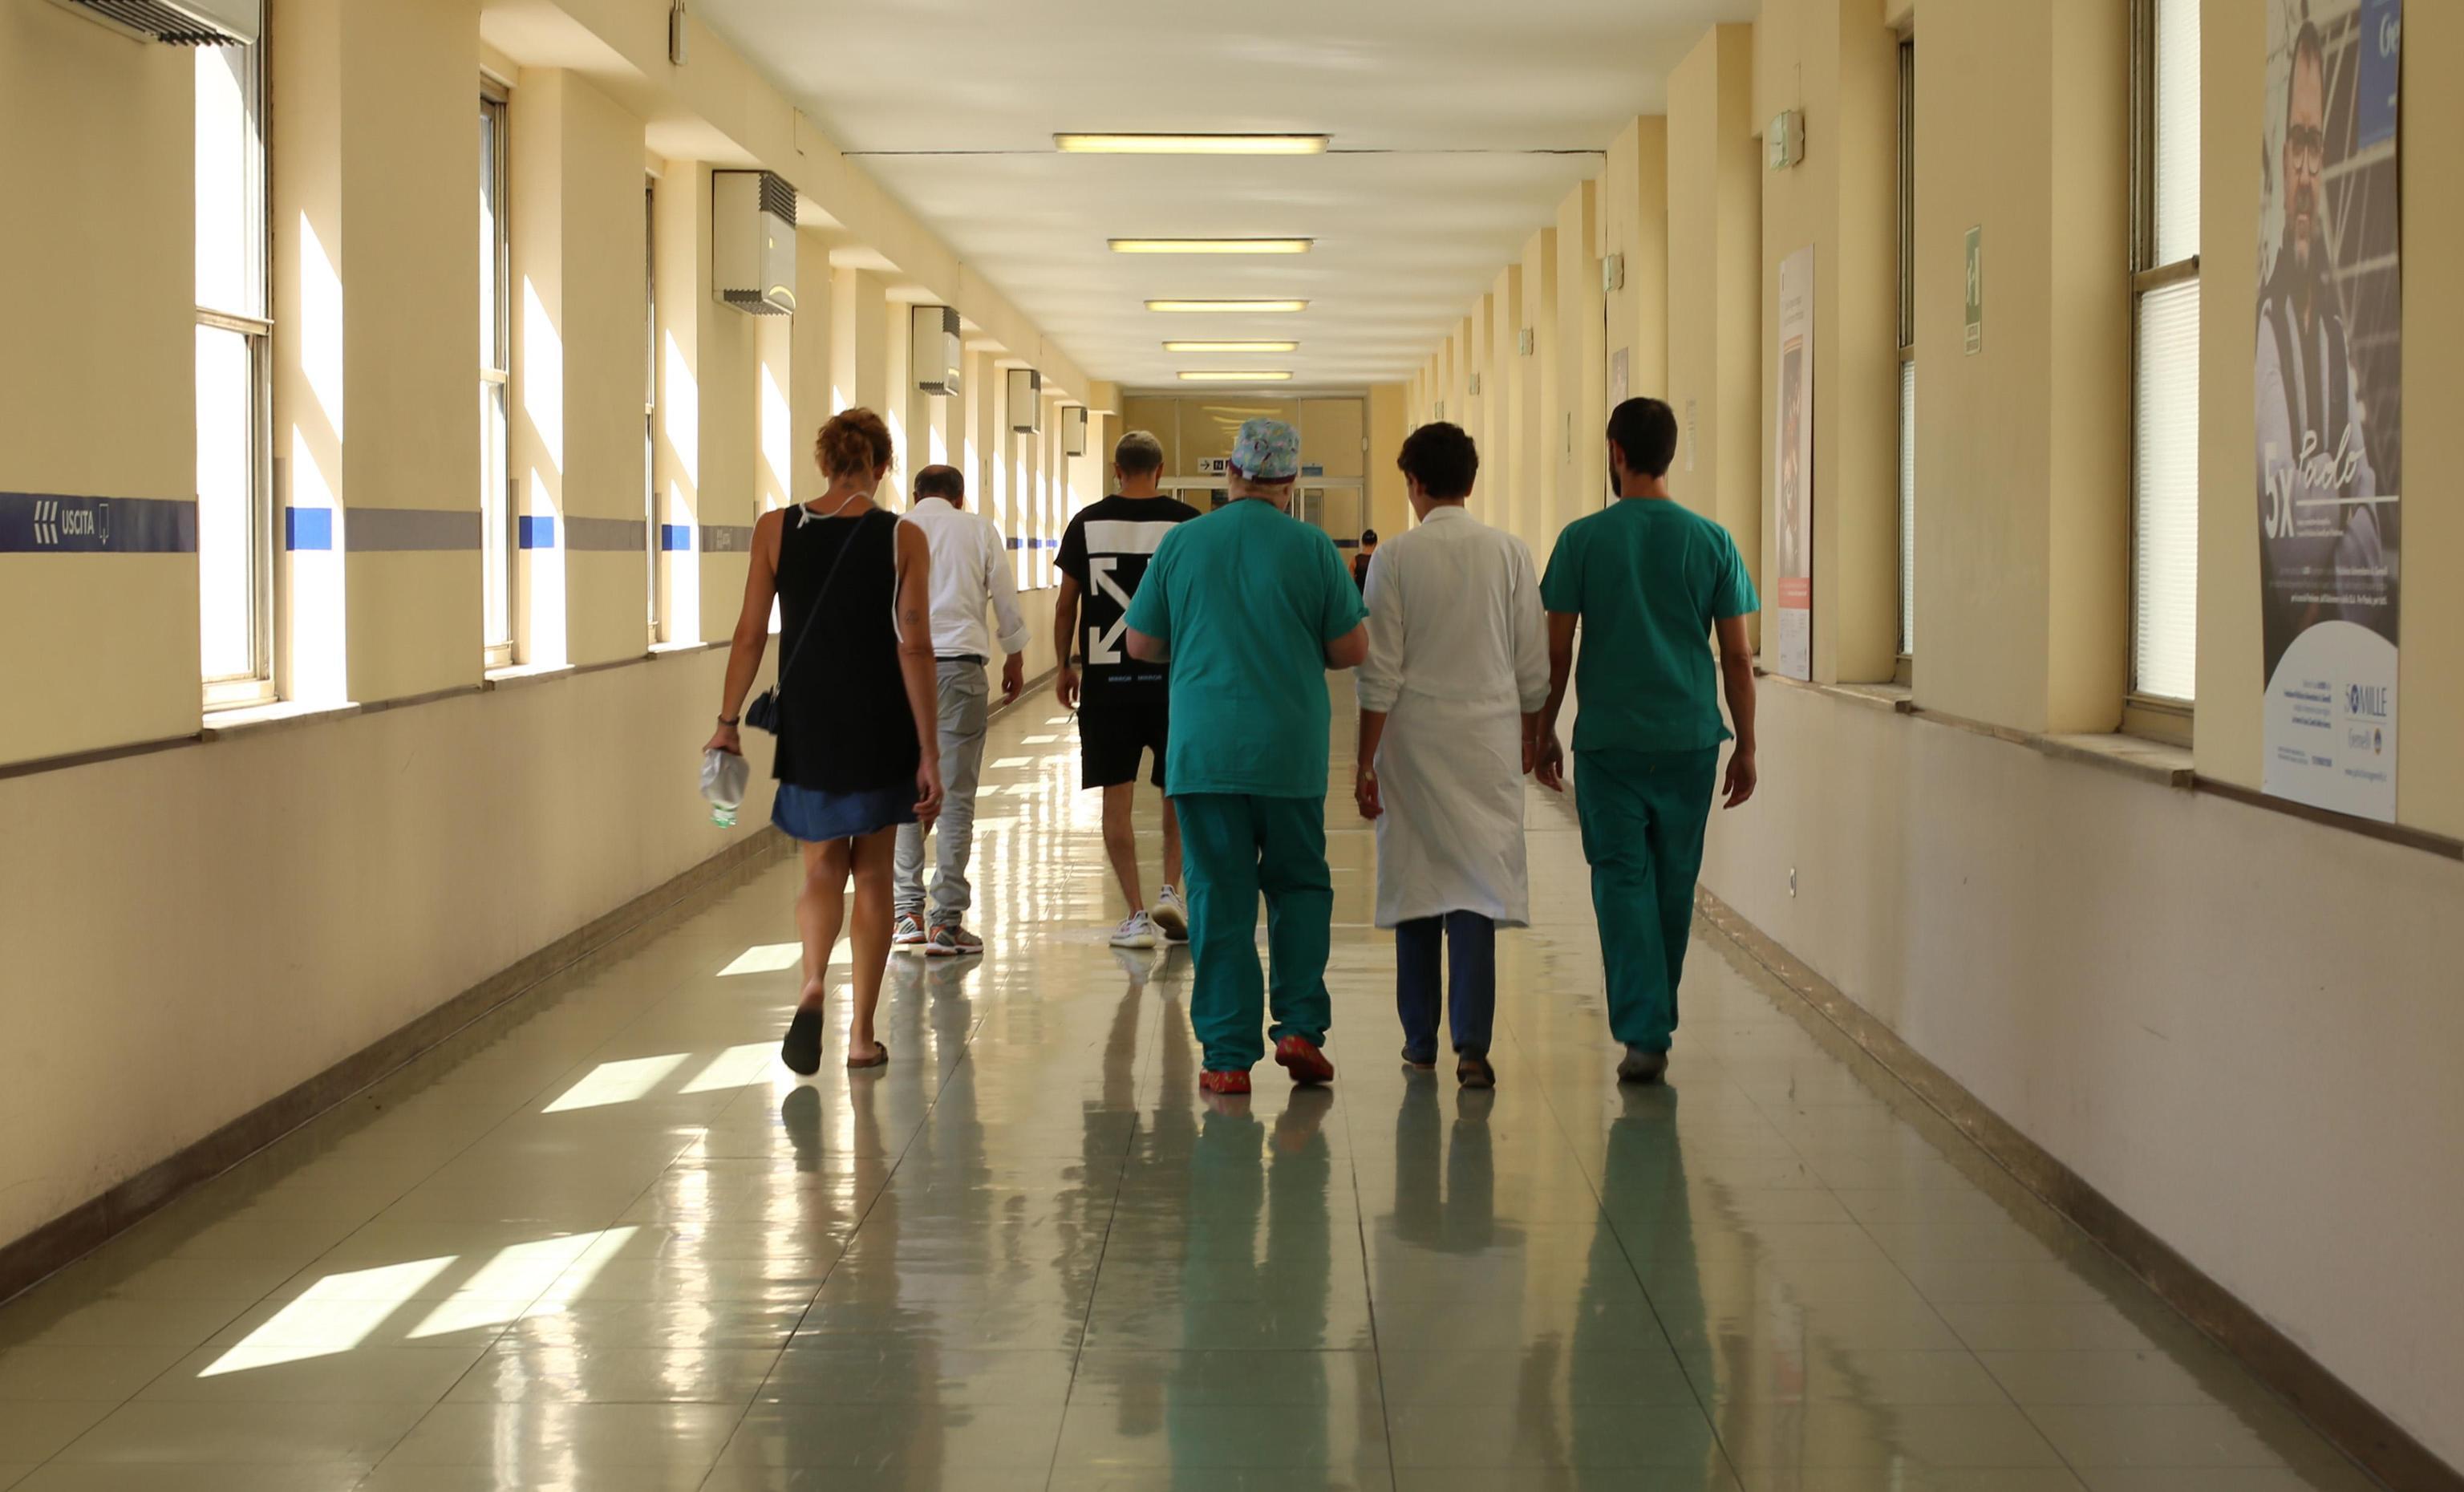 Visite mediche gratuite il 16 ottobre per le donne che soffrono di disturbi psichici, neurologici e del comportamento